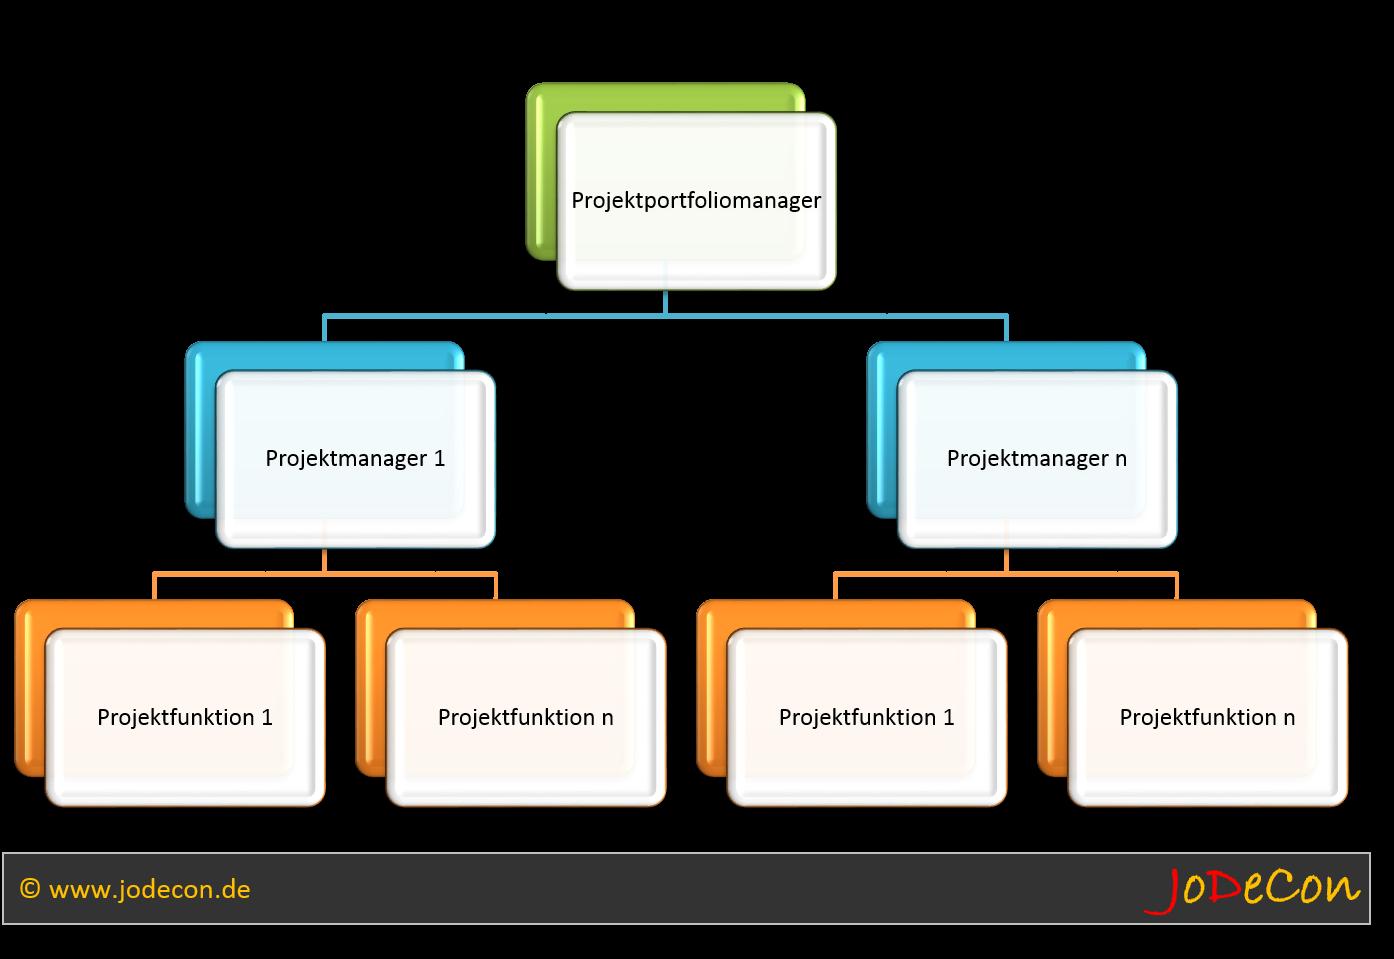 Hierarchie Projektportfoliomanagement